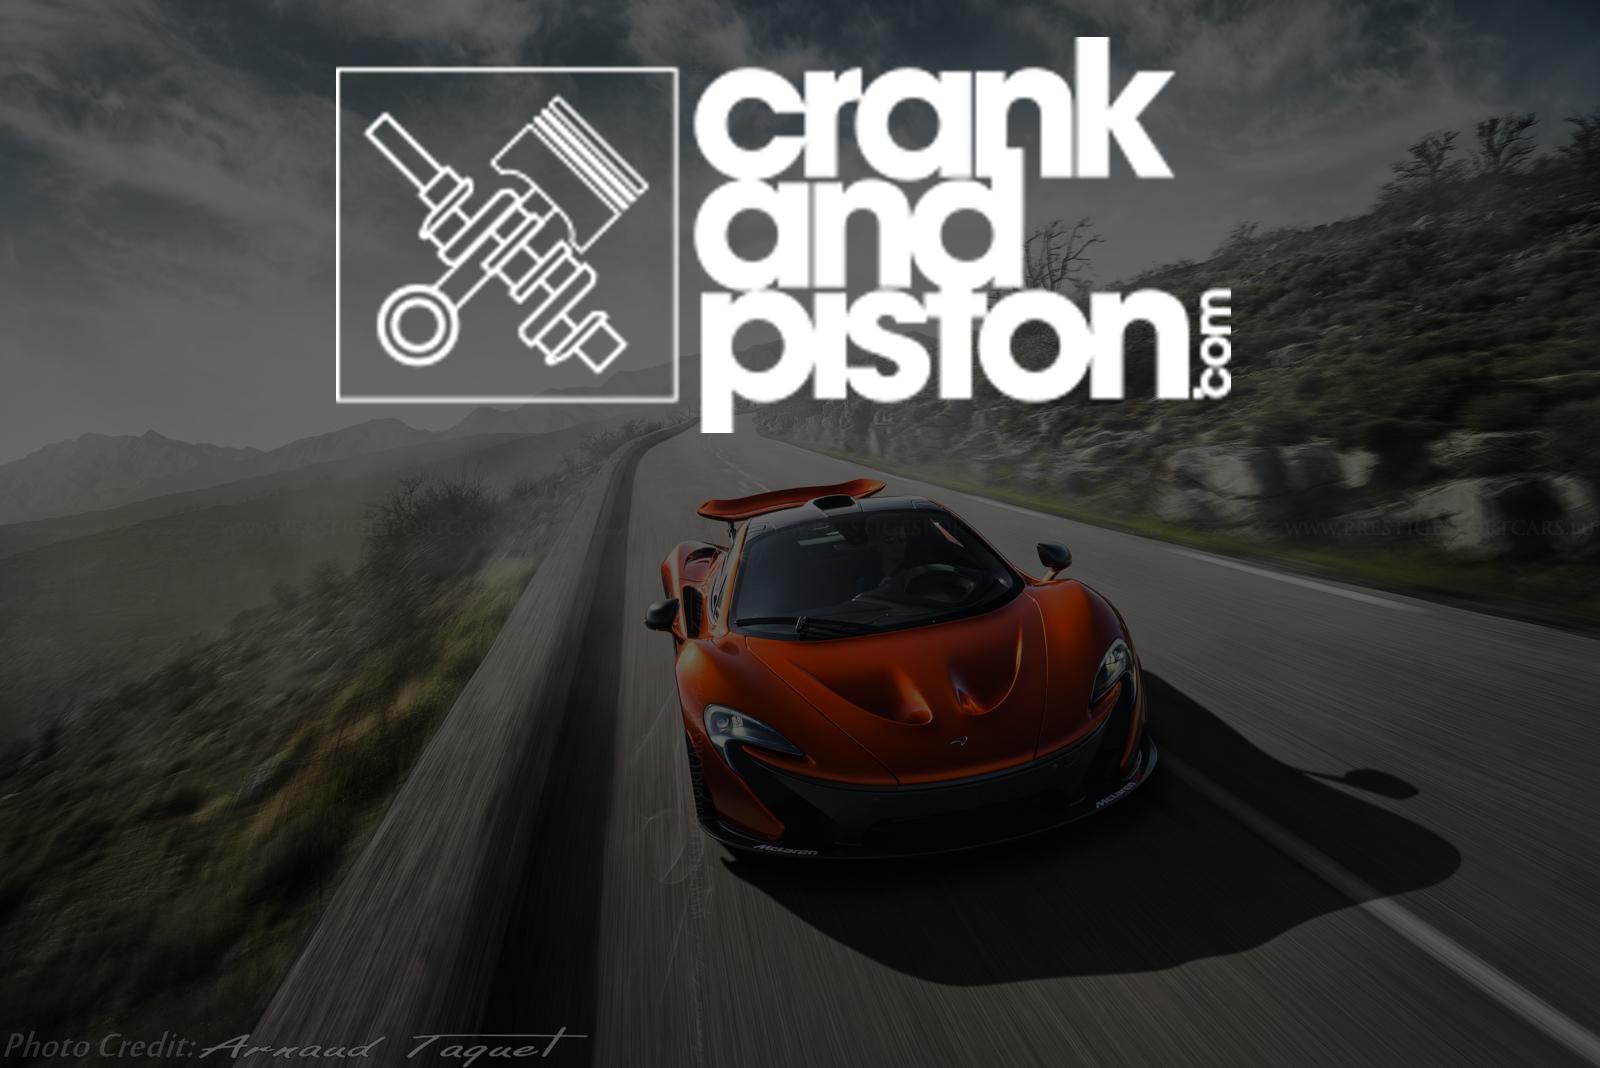 CRANK AND PISTON ( 2015 )